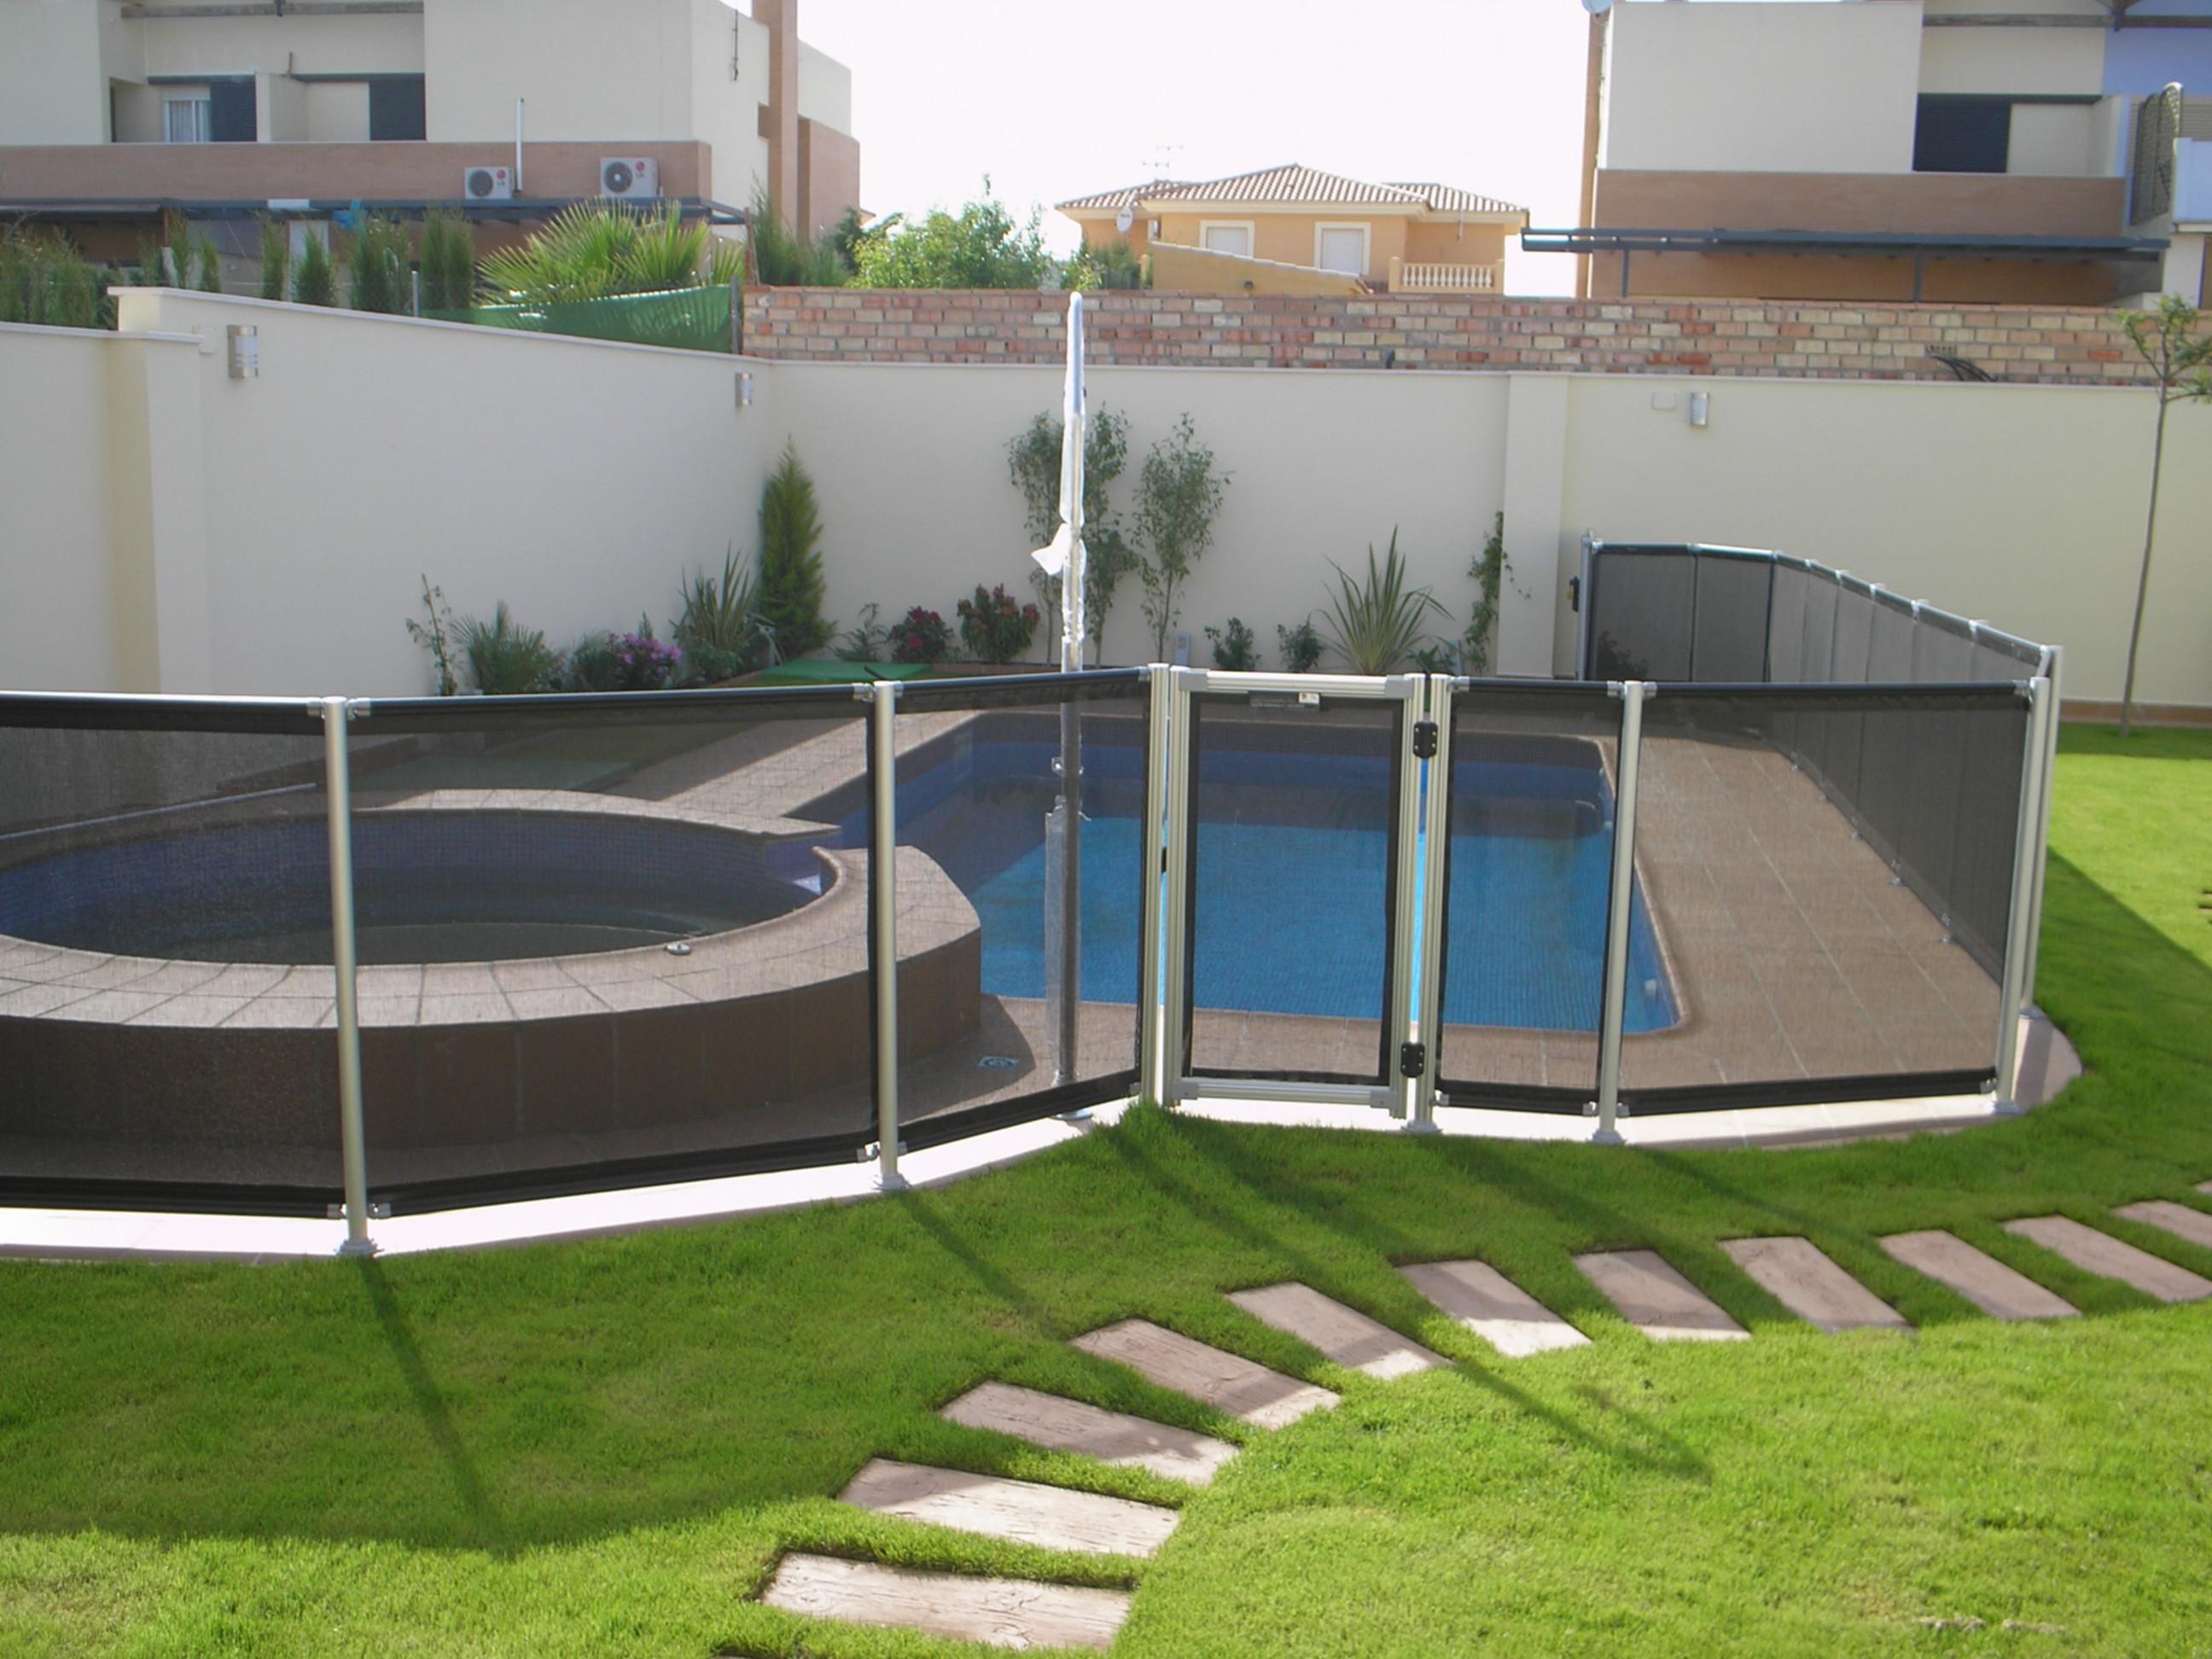 Disfruta de un verano seguro - Valla seguridad piscina ...